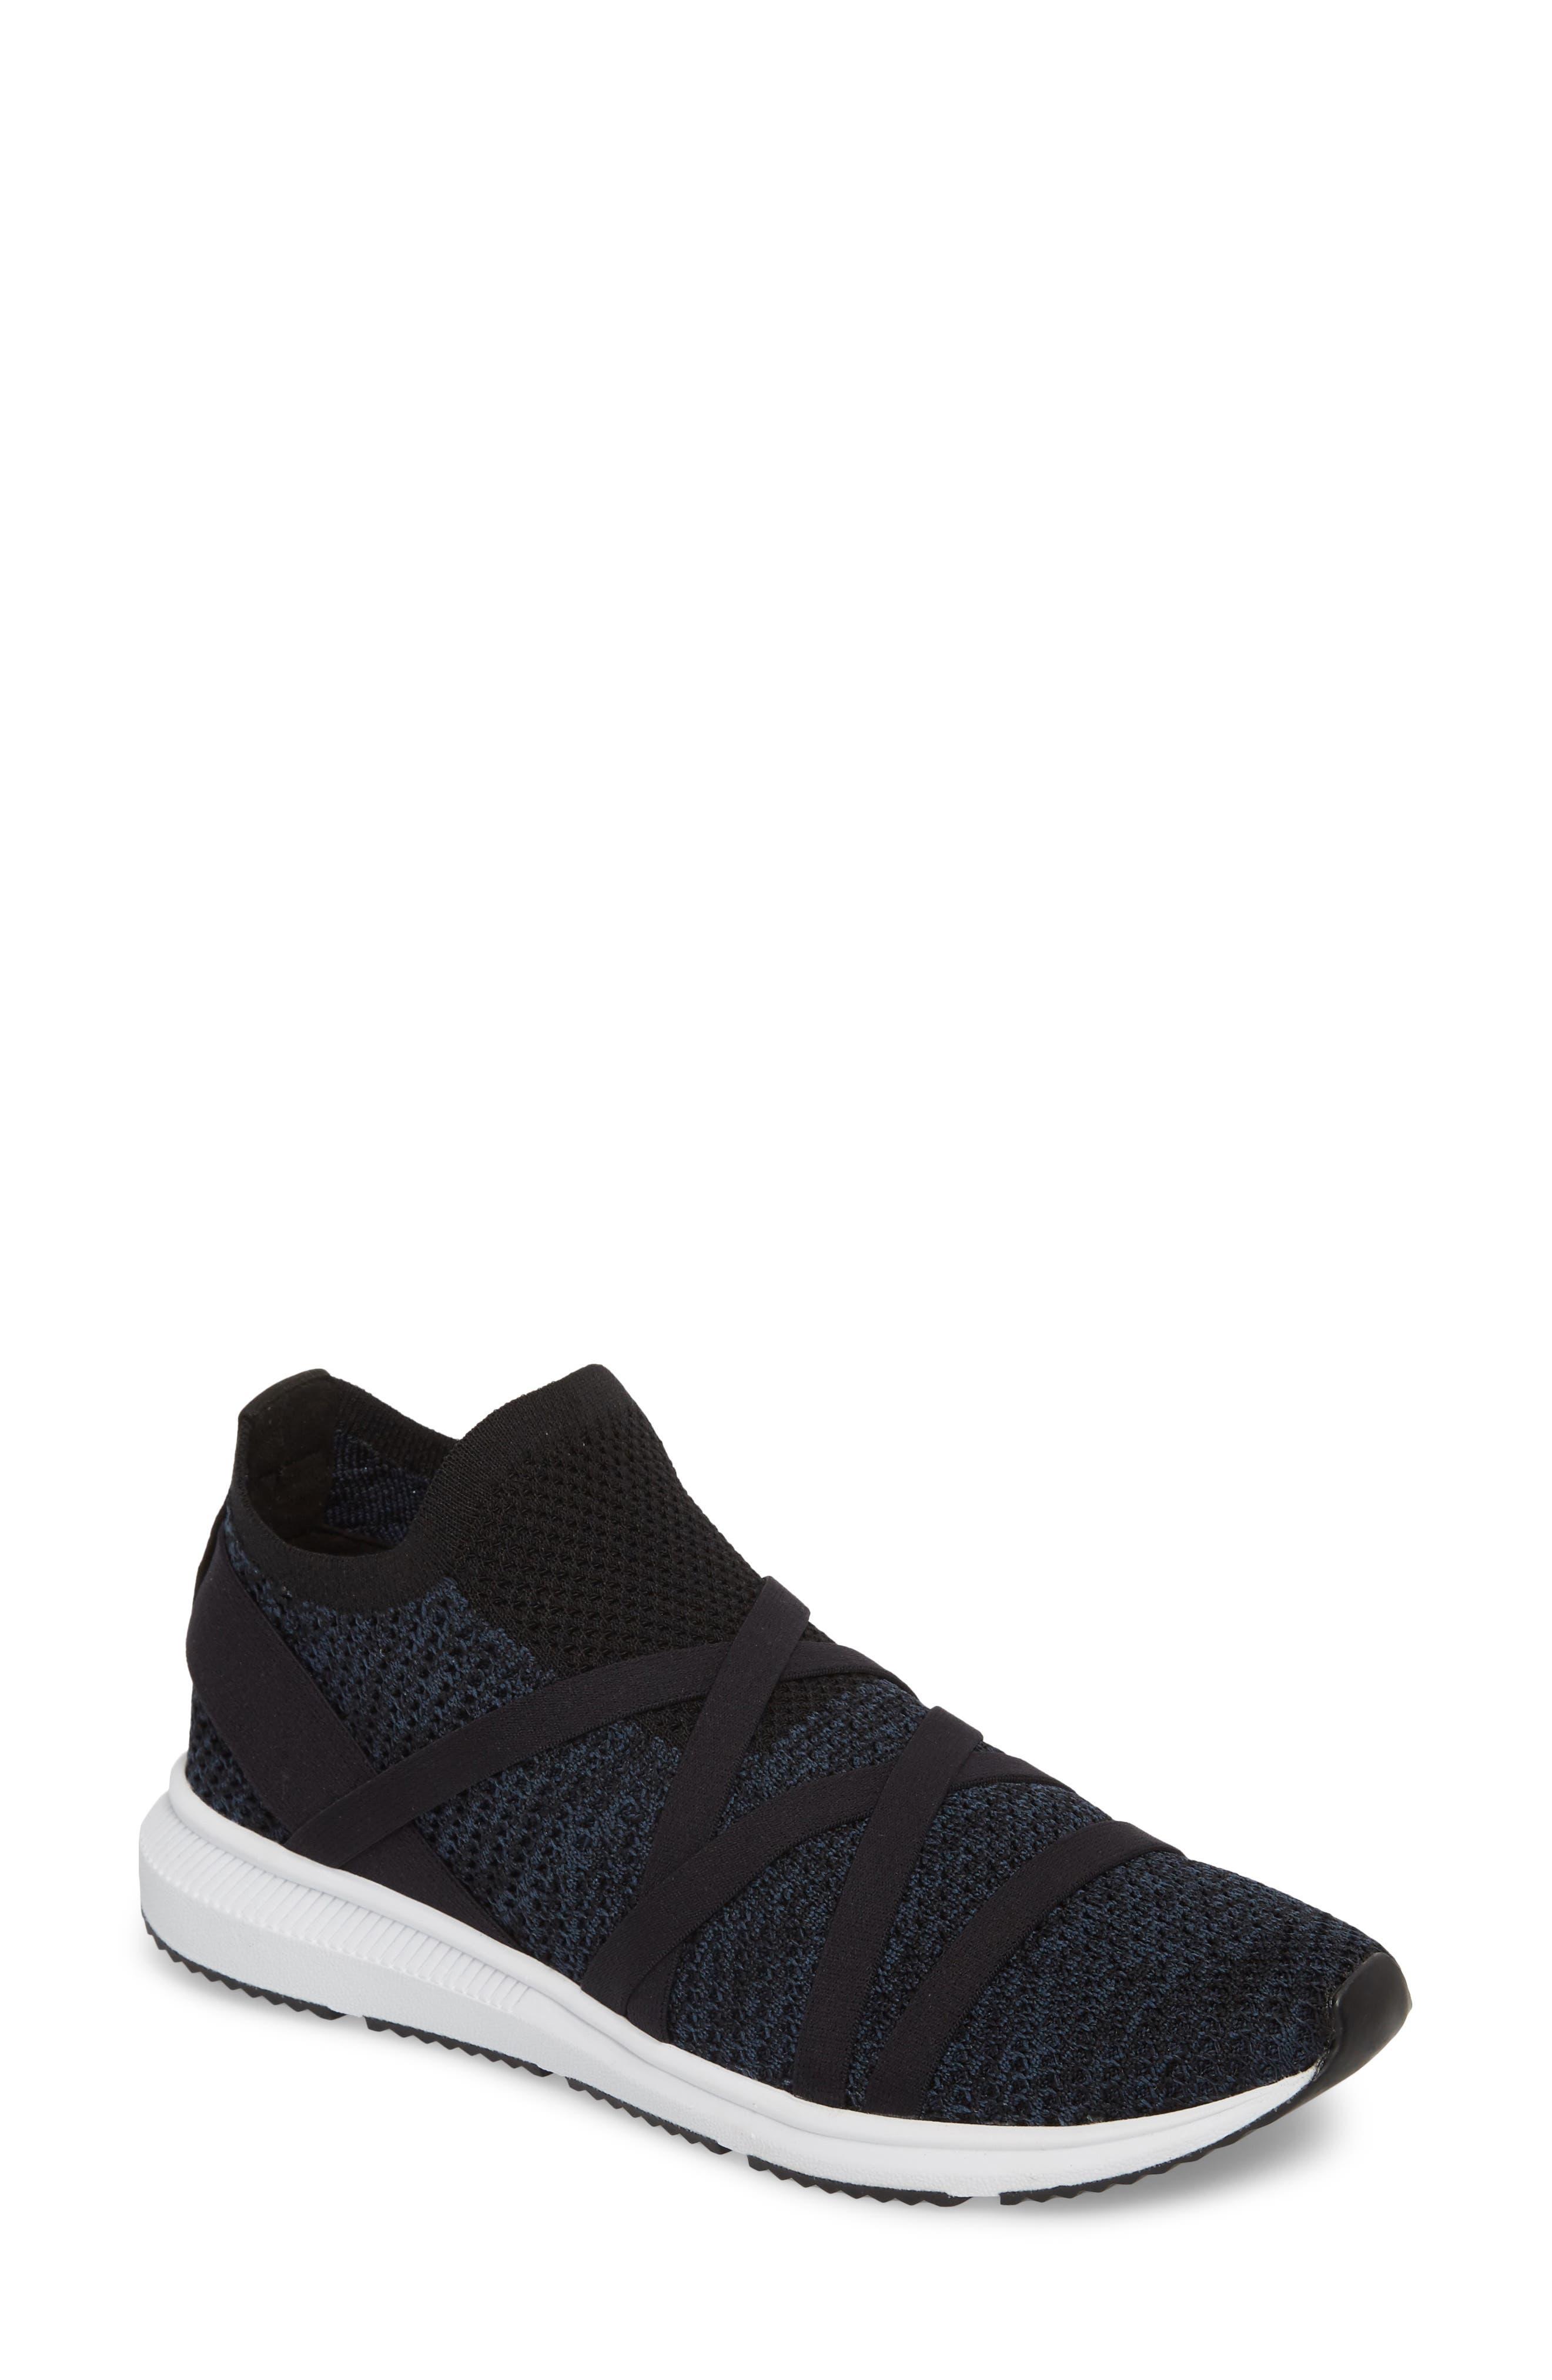 Eileen Fisher Xanady Woven Slip-On Sneaker (Women)